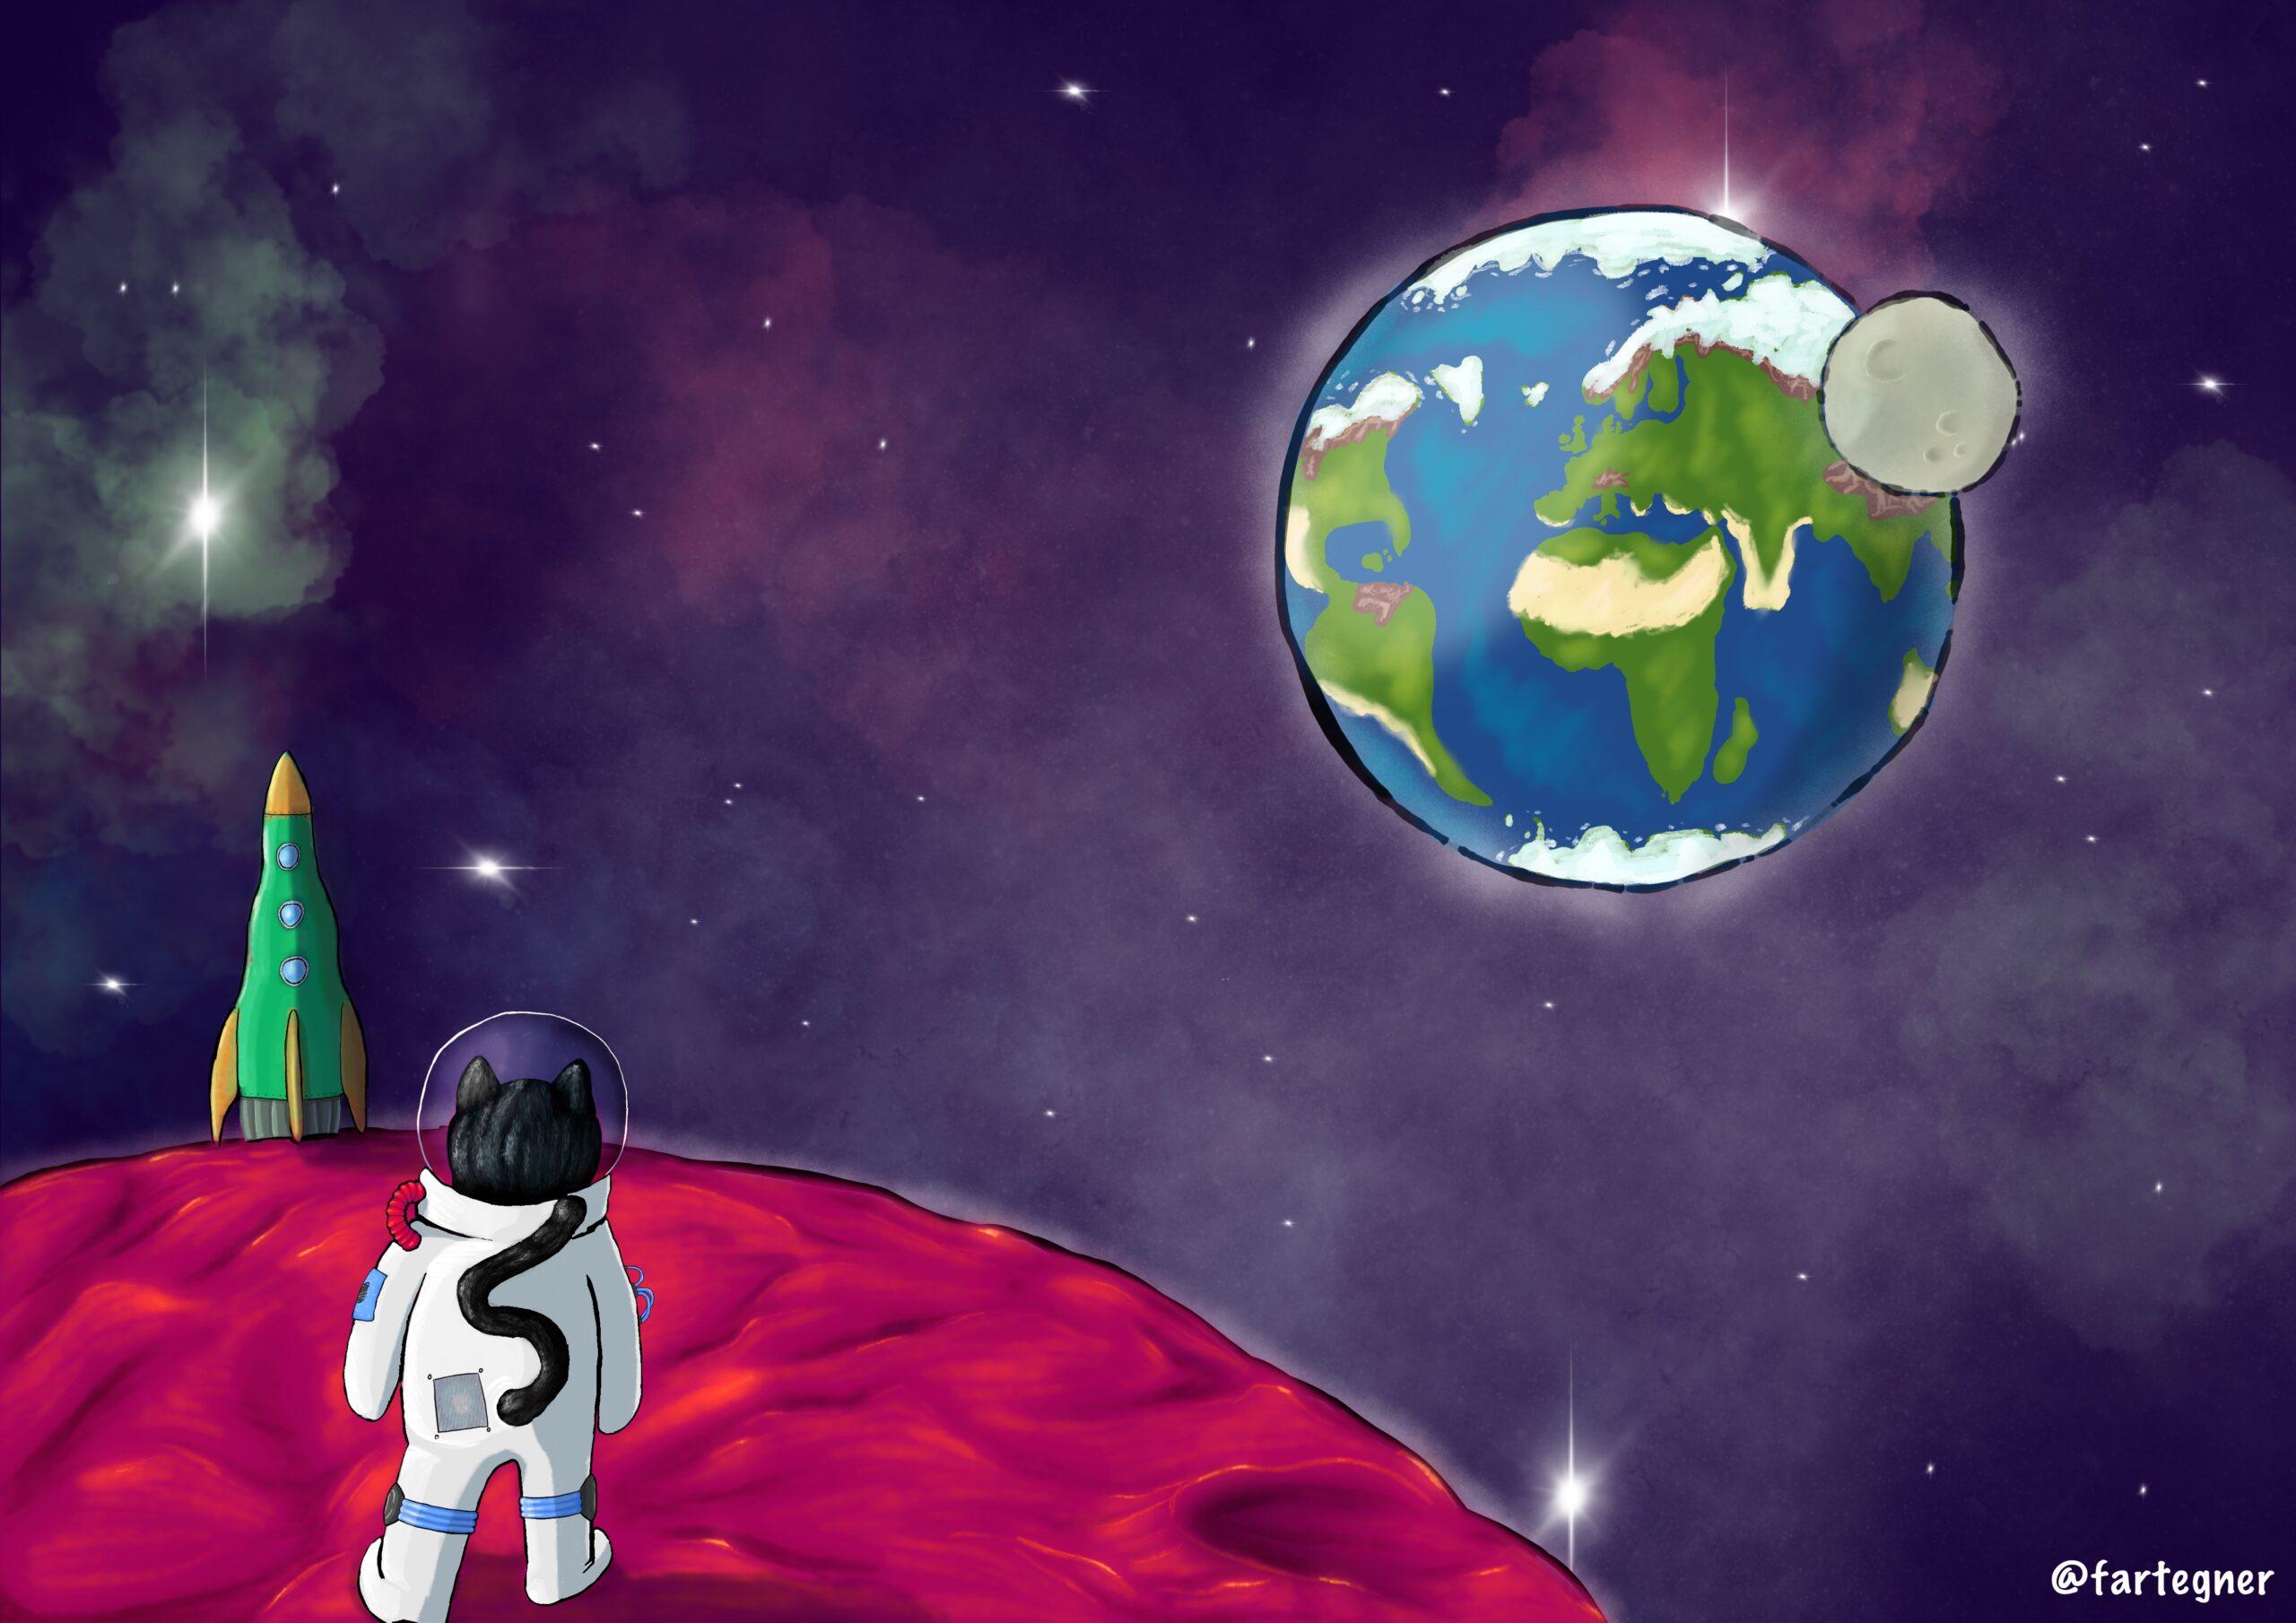 Digital illustration af en kat i rumdragt går mod enraket på en fremmed planet. Uddrag af børnebogen 'Min Bedstefars Kat - og andre børnerim' (uudgivet)